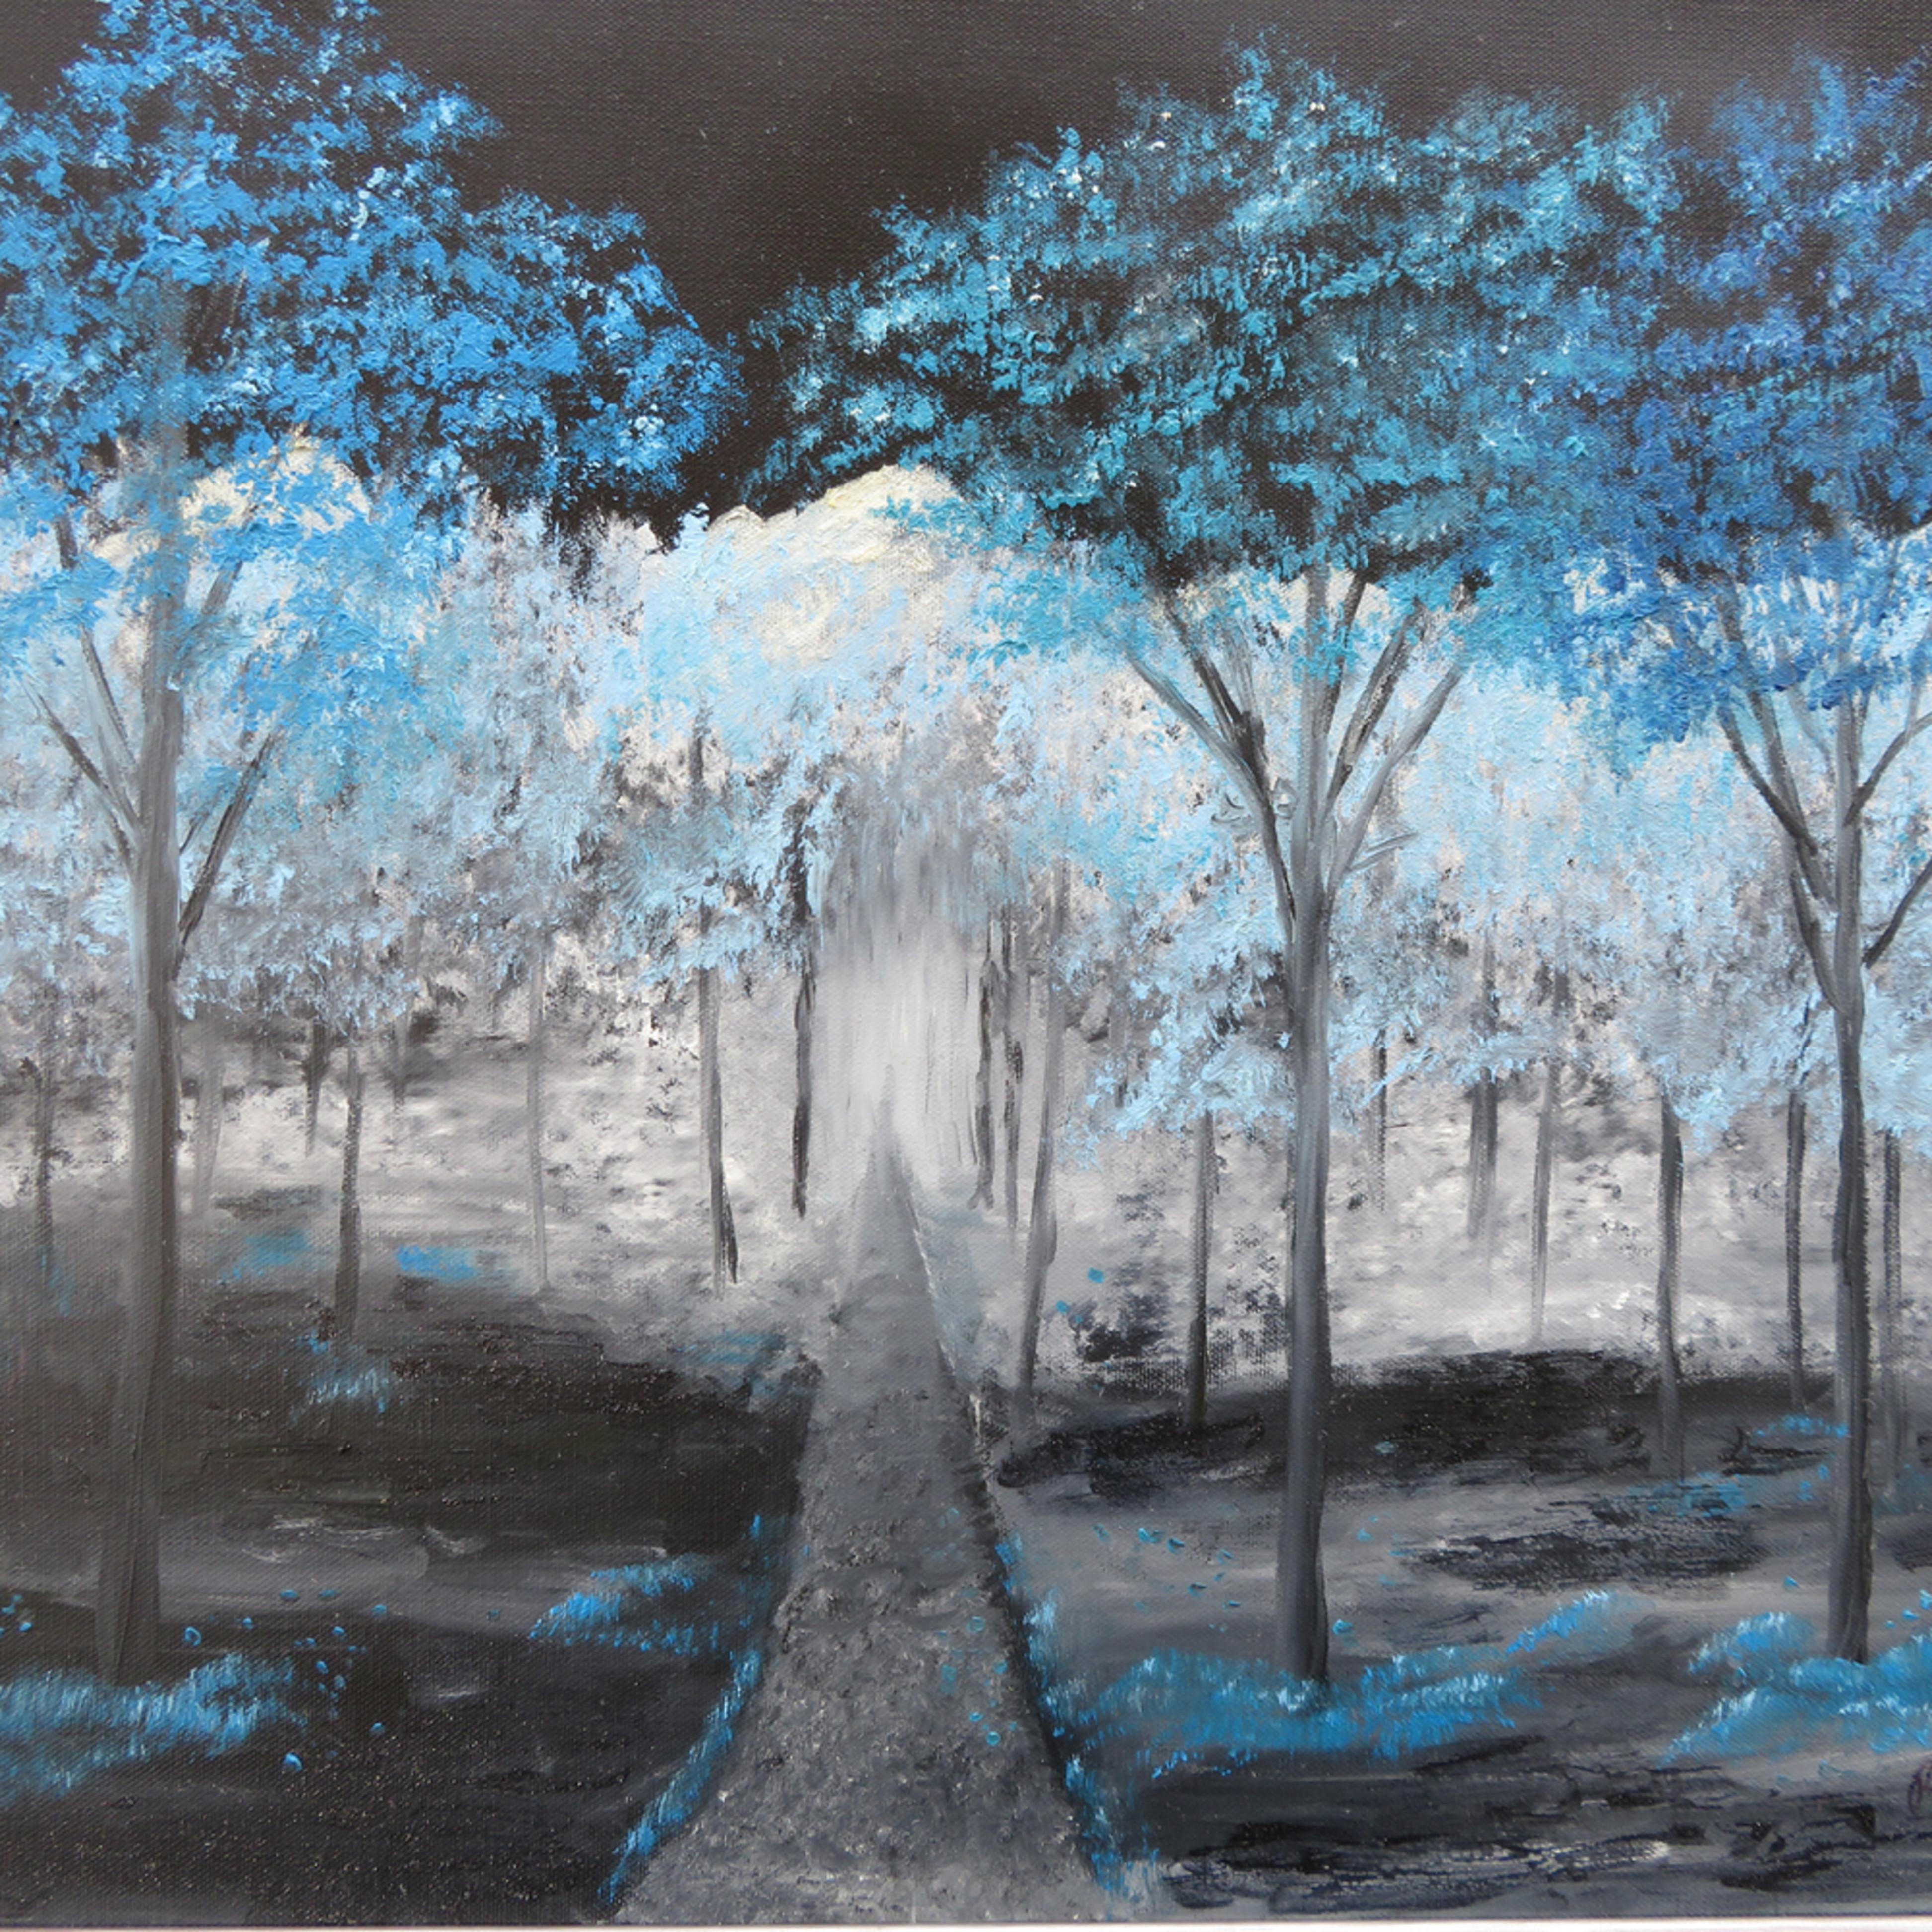 Blue forest walk1 g2bwnk